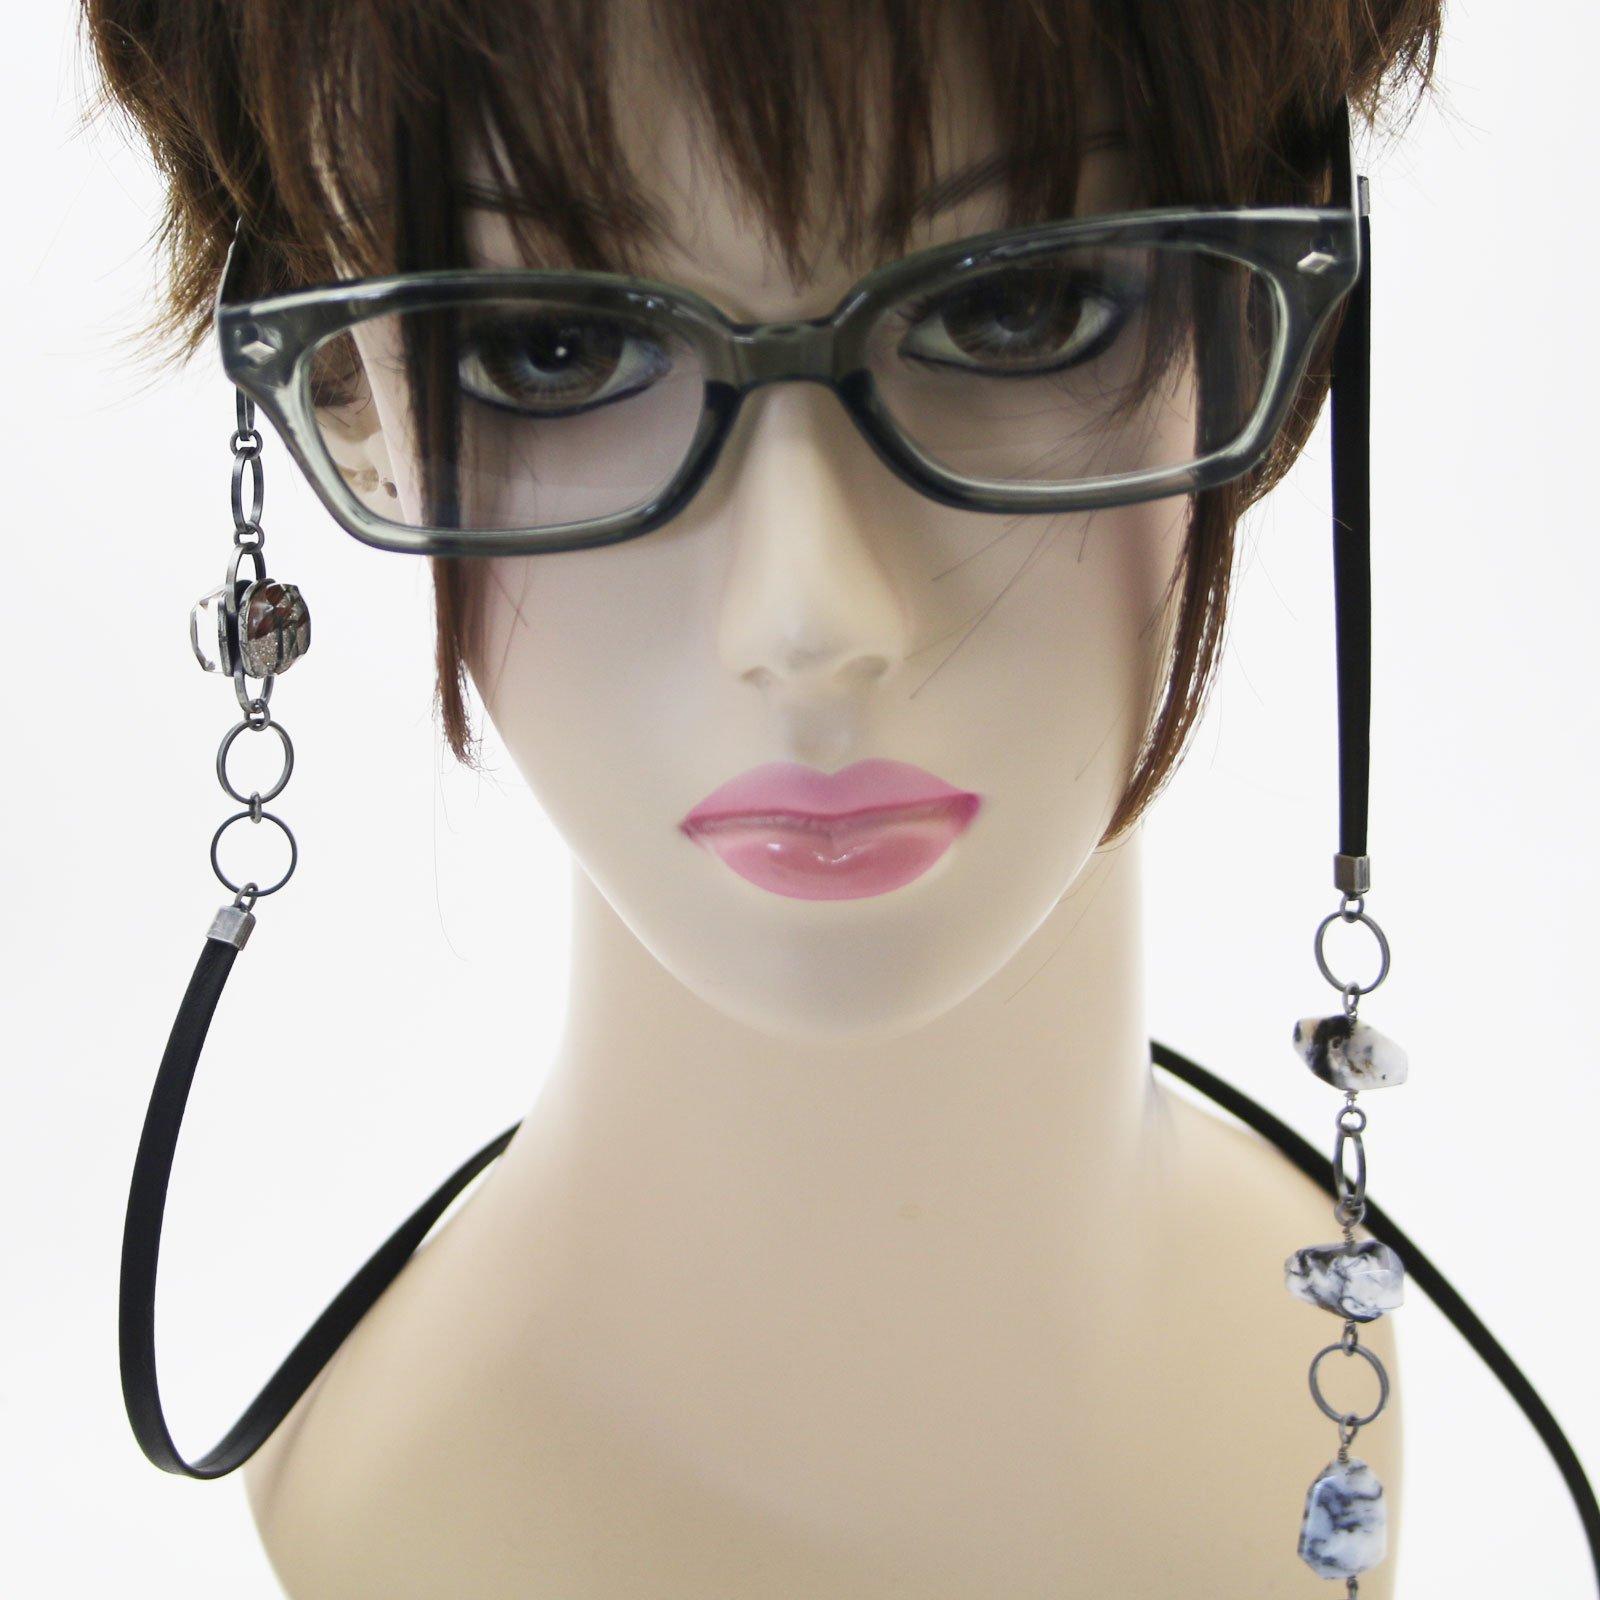 Tamarusan Eyewear Strap Eyewear Chain Natural Stone Leather Mens Women by TAMARUSAN (Image #5)